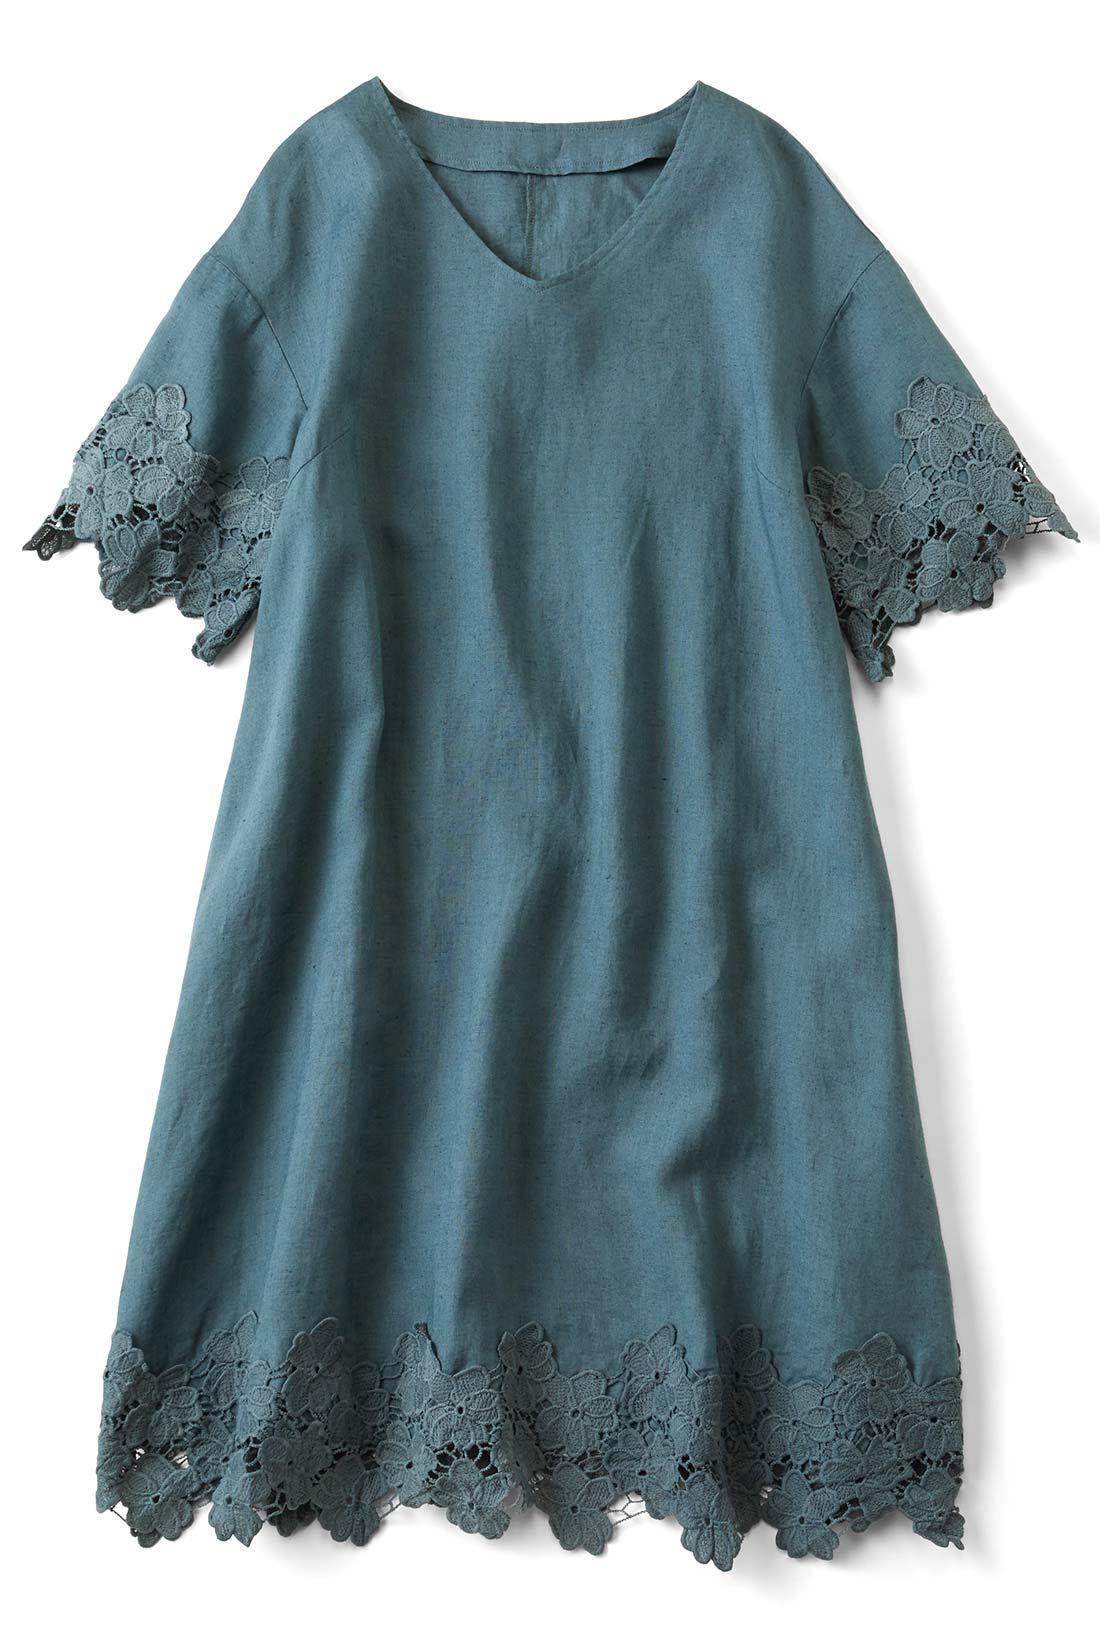 [ブルーグレー]モードなブルーグレー。ほどよい厚みのある綿麻素材です。